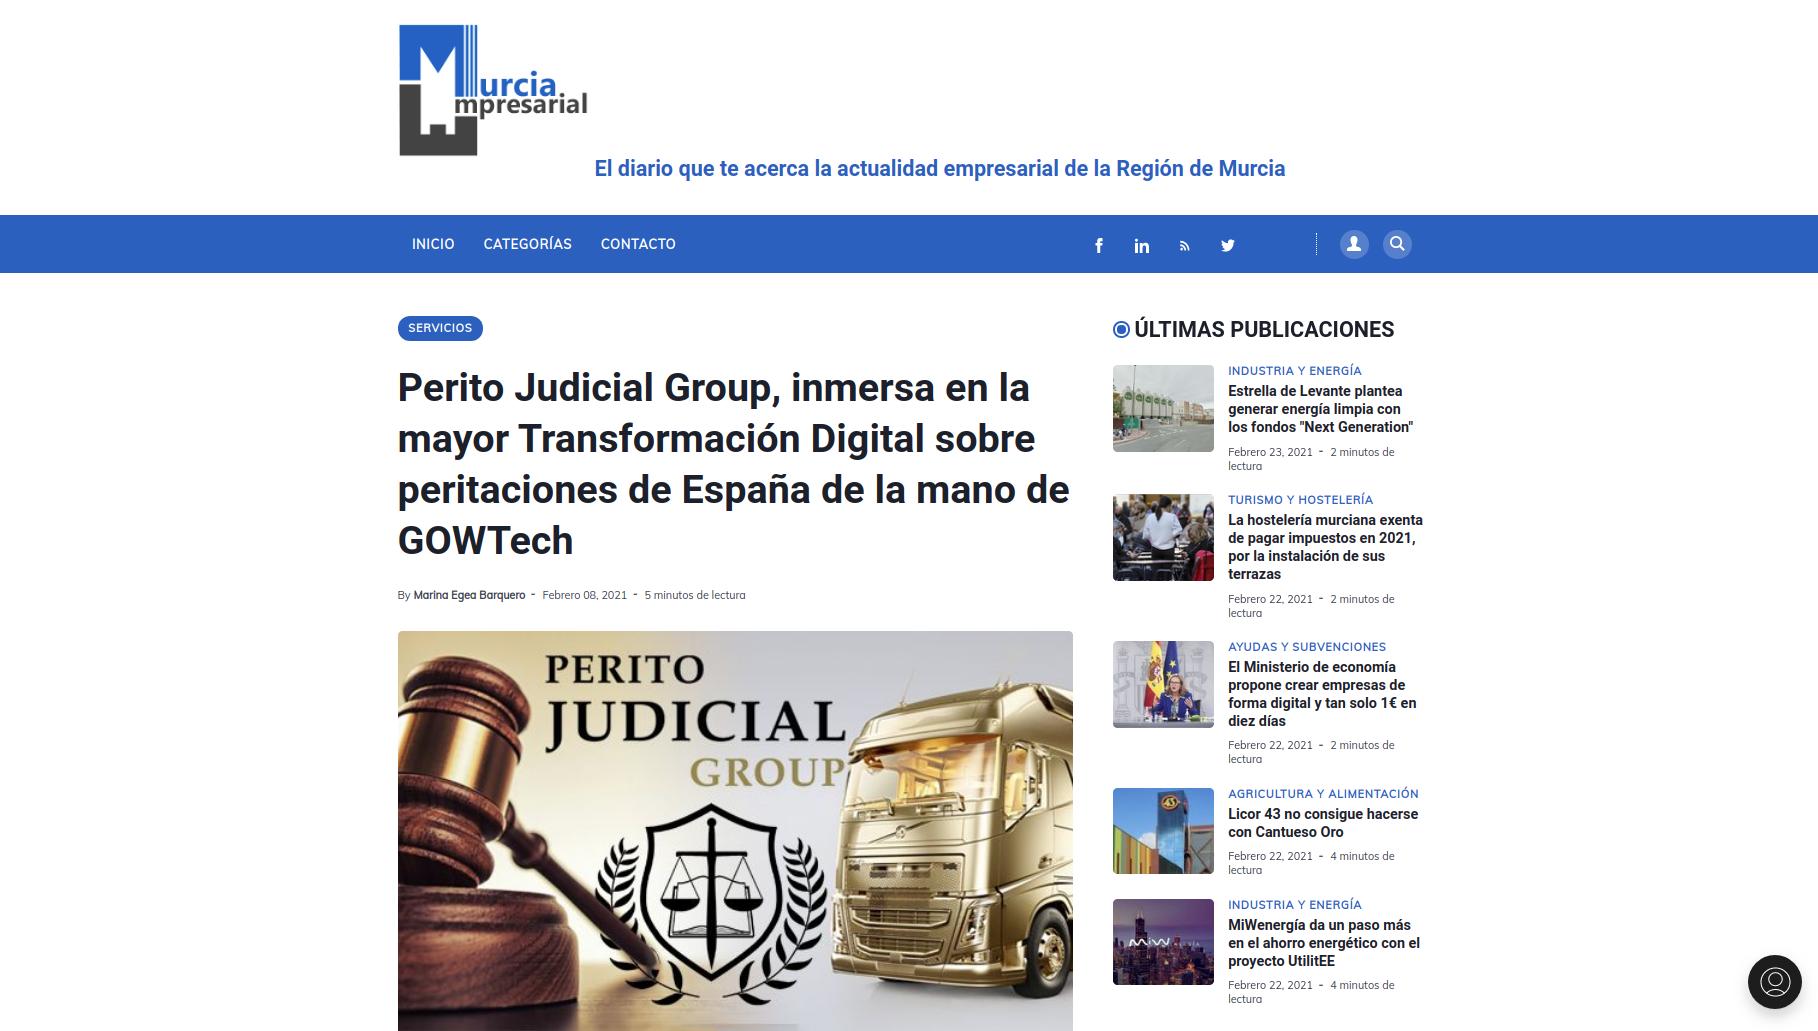 El diario MurciaEmpresarial se hace eco de la colaboración entre GOWtech y Perito Judicial Group